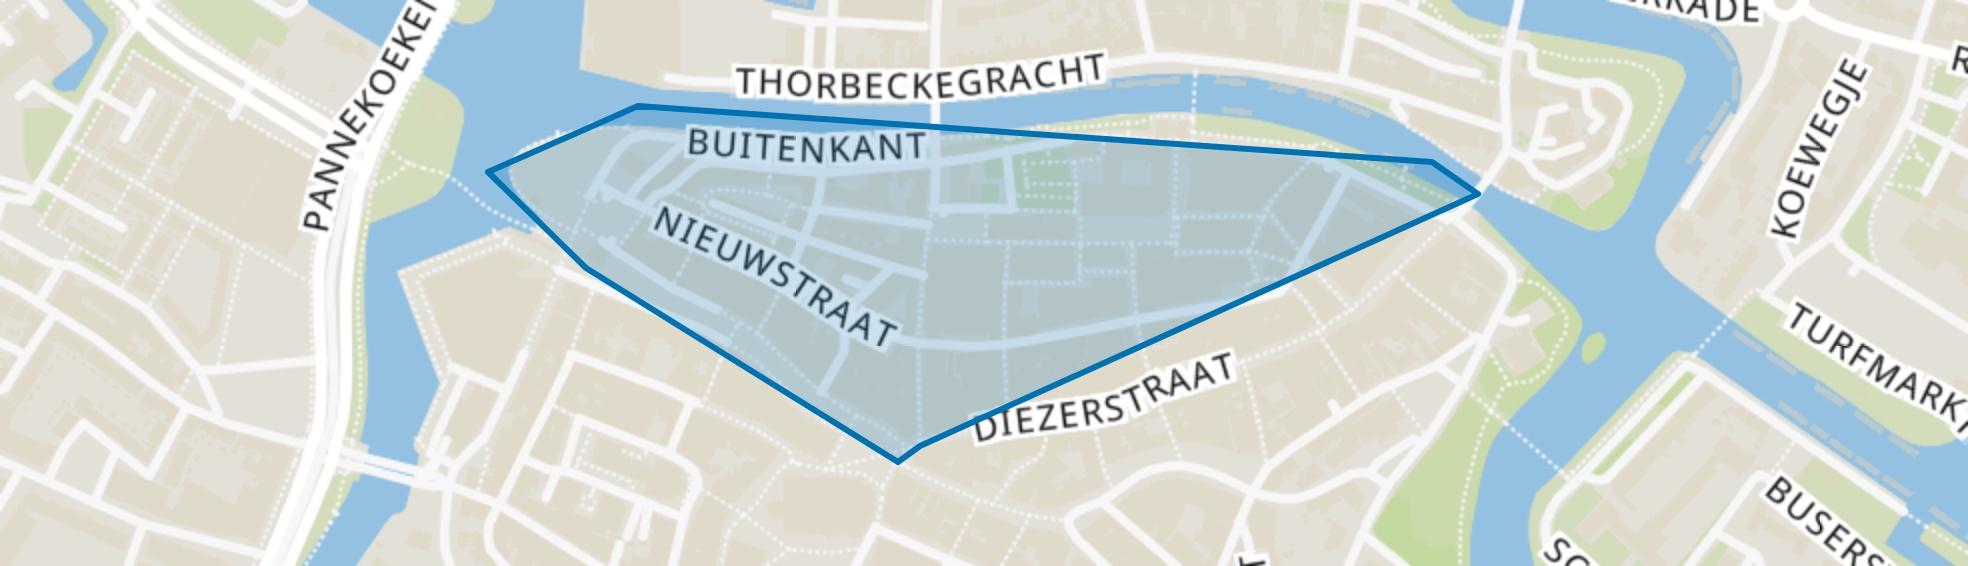 Binnenstad-Noord, Zwolle map